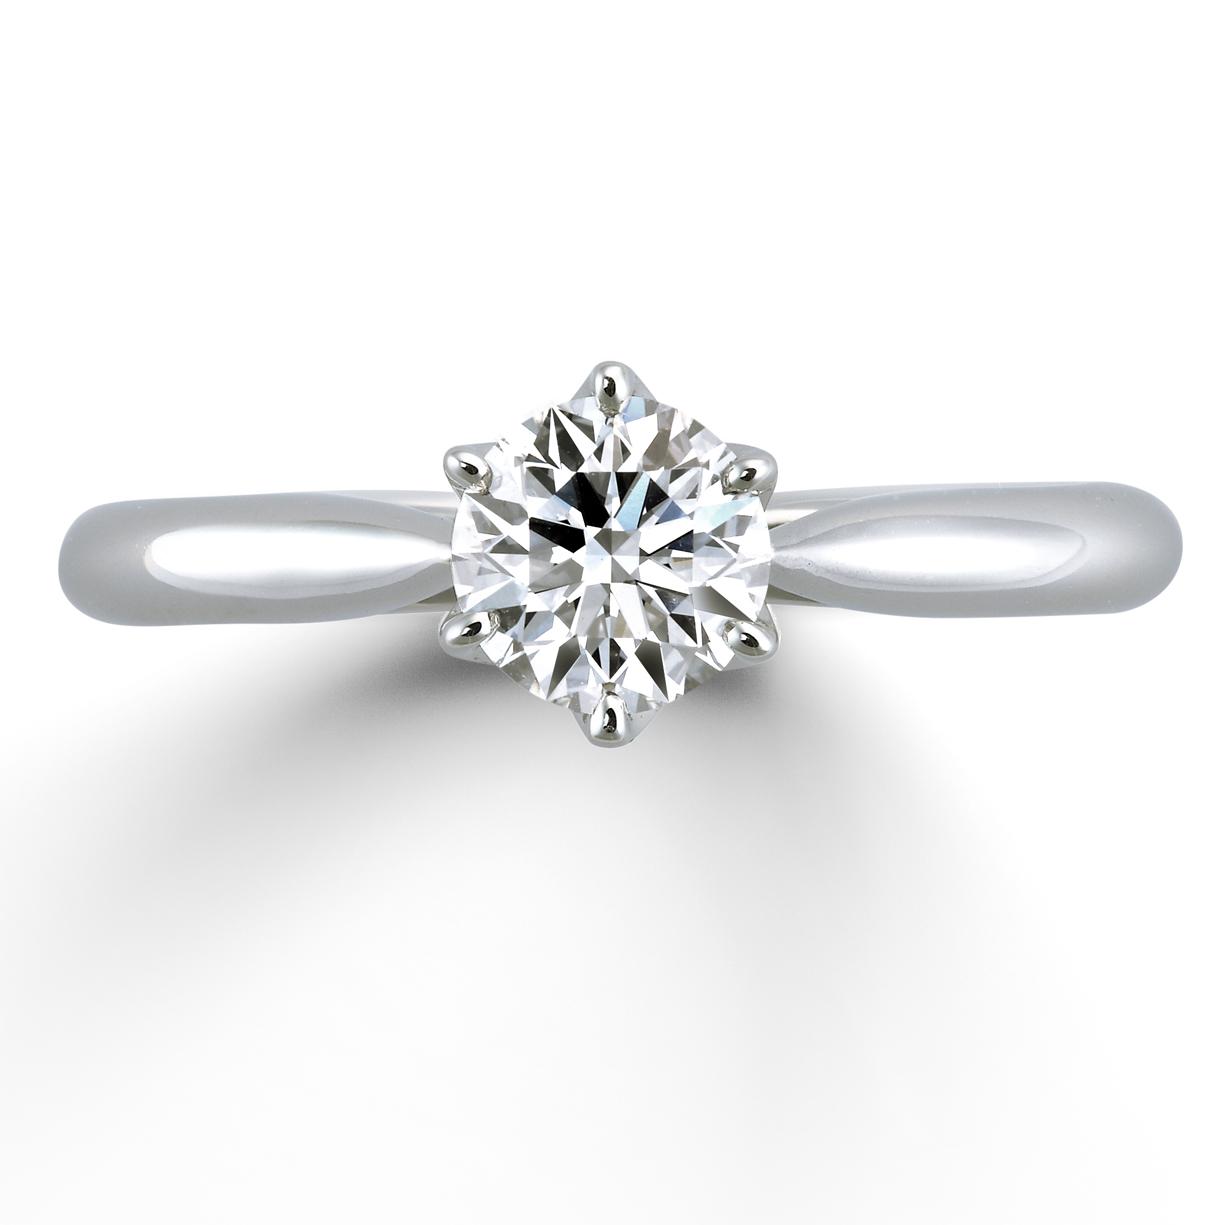 嚴格的基準中所被選定的鑽石作為訂婚戒指